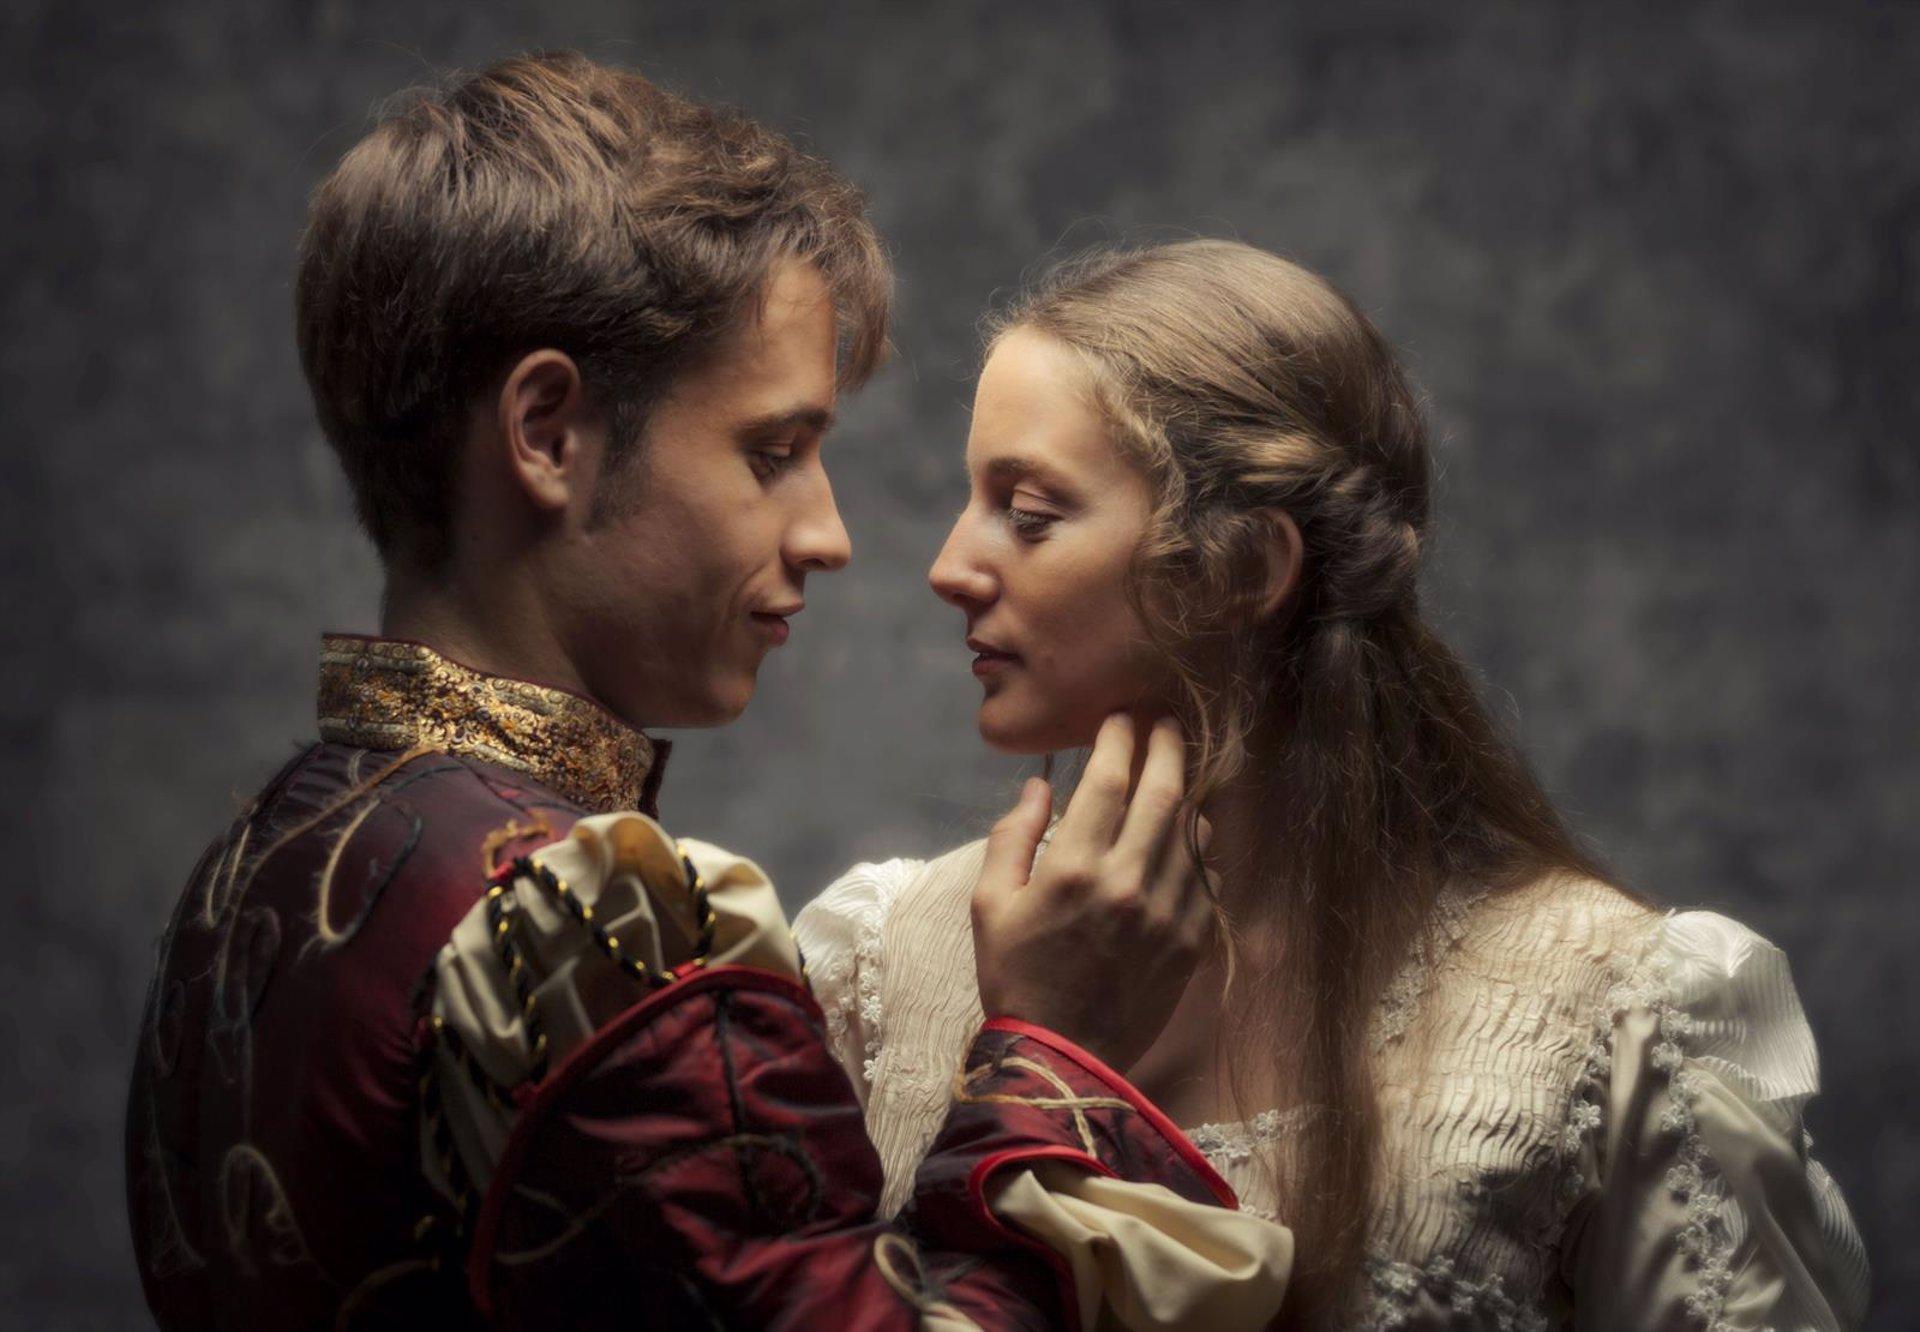 El Teatro Alhambra presenta 'Romeo y Julieta' de Shakespeare interpretada por Teatro Clásico de Sevilla